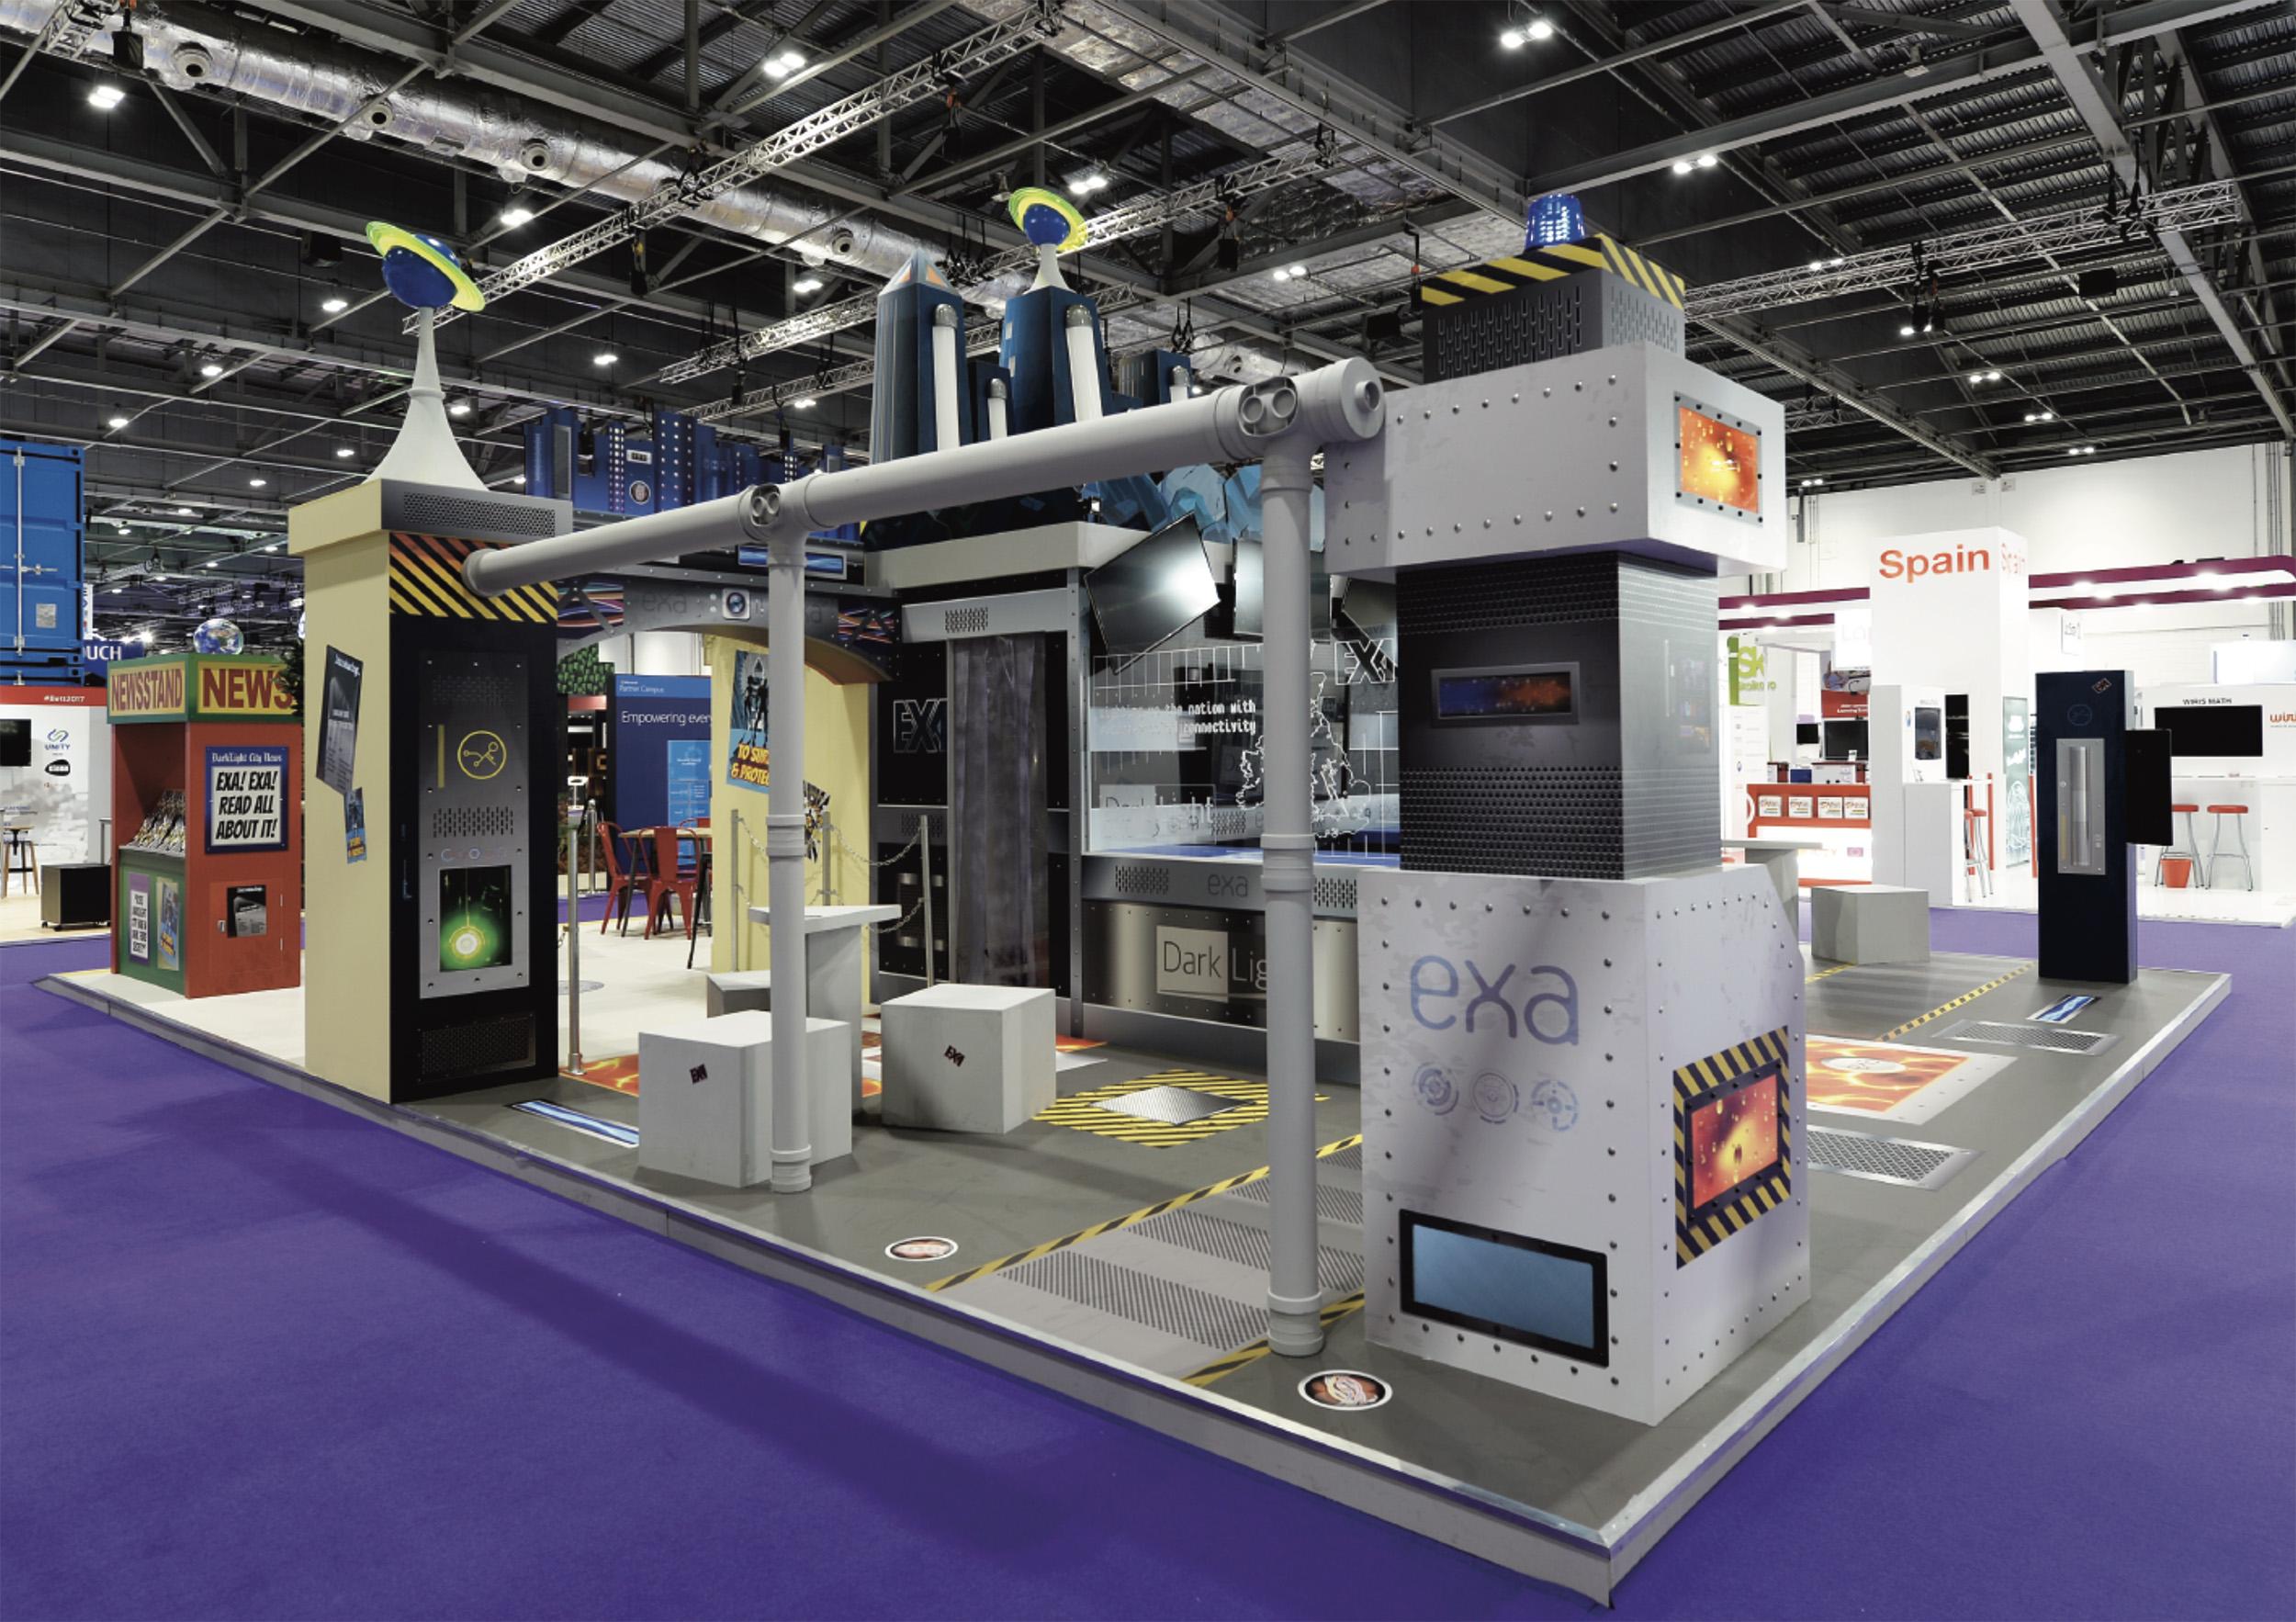 EXA exhibition stand